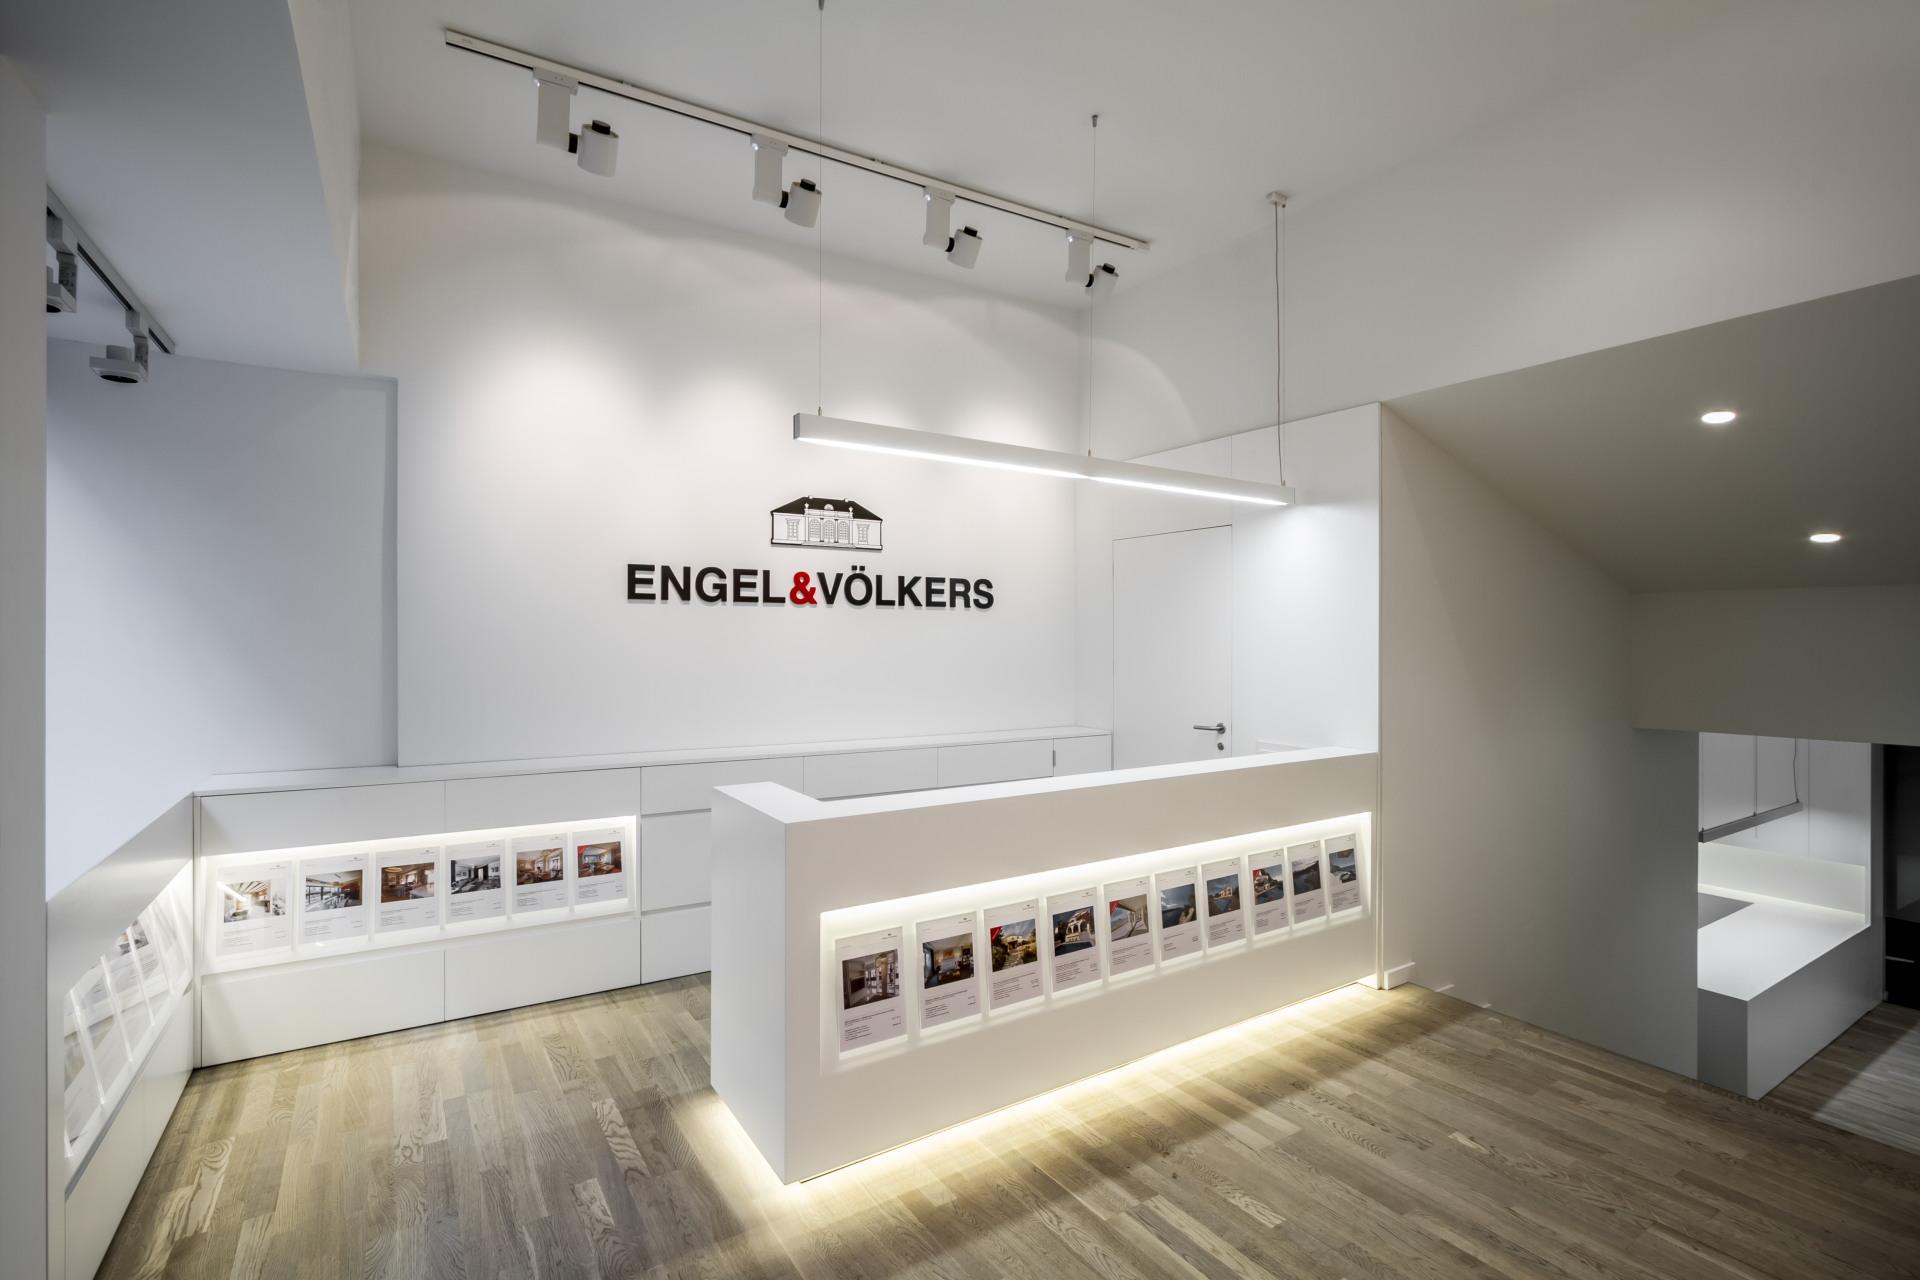 fotografia-arquitectura-valencia-german-cabo-bfm-engel-volkers (9)